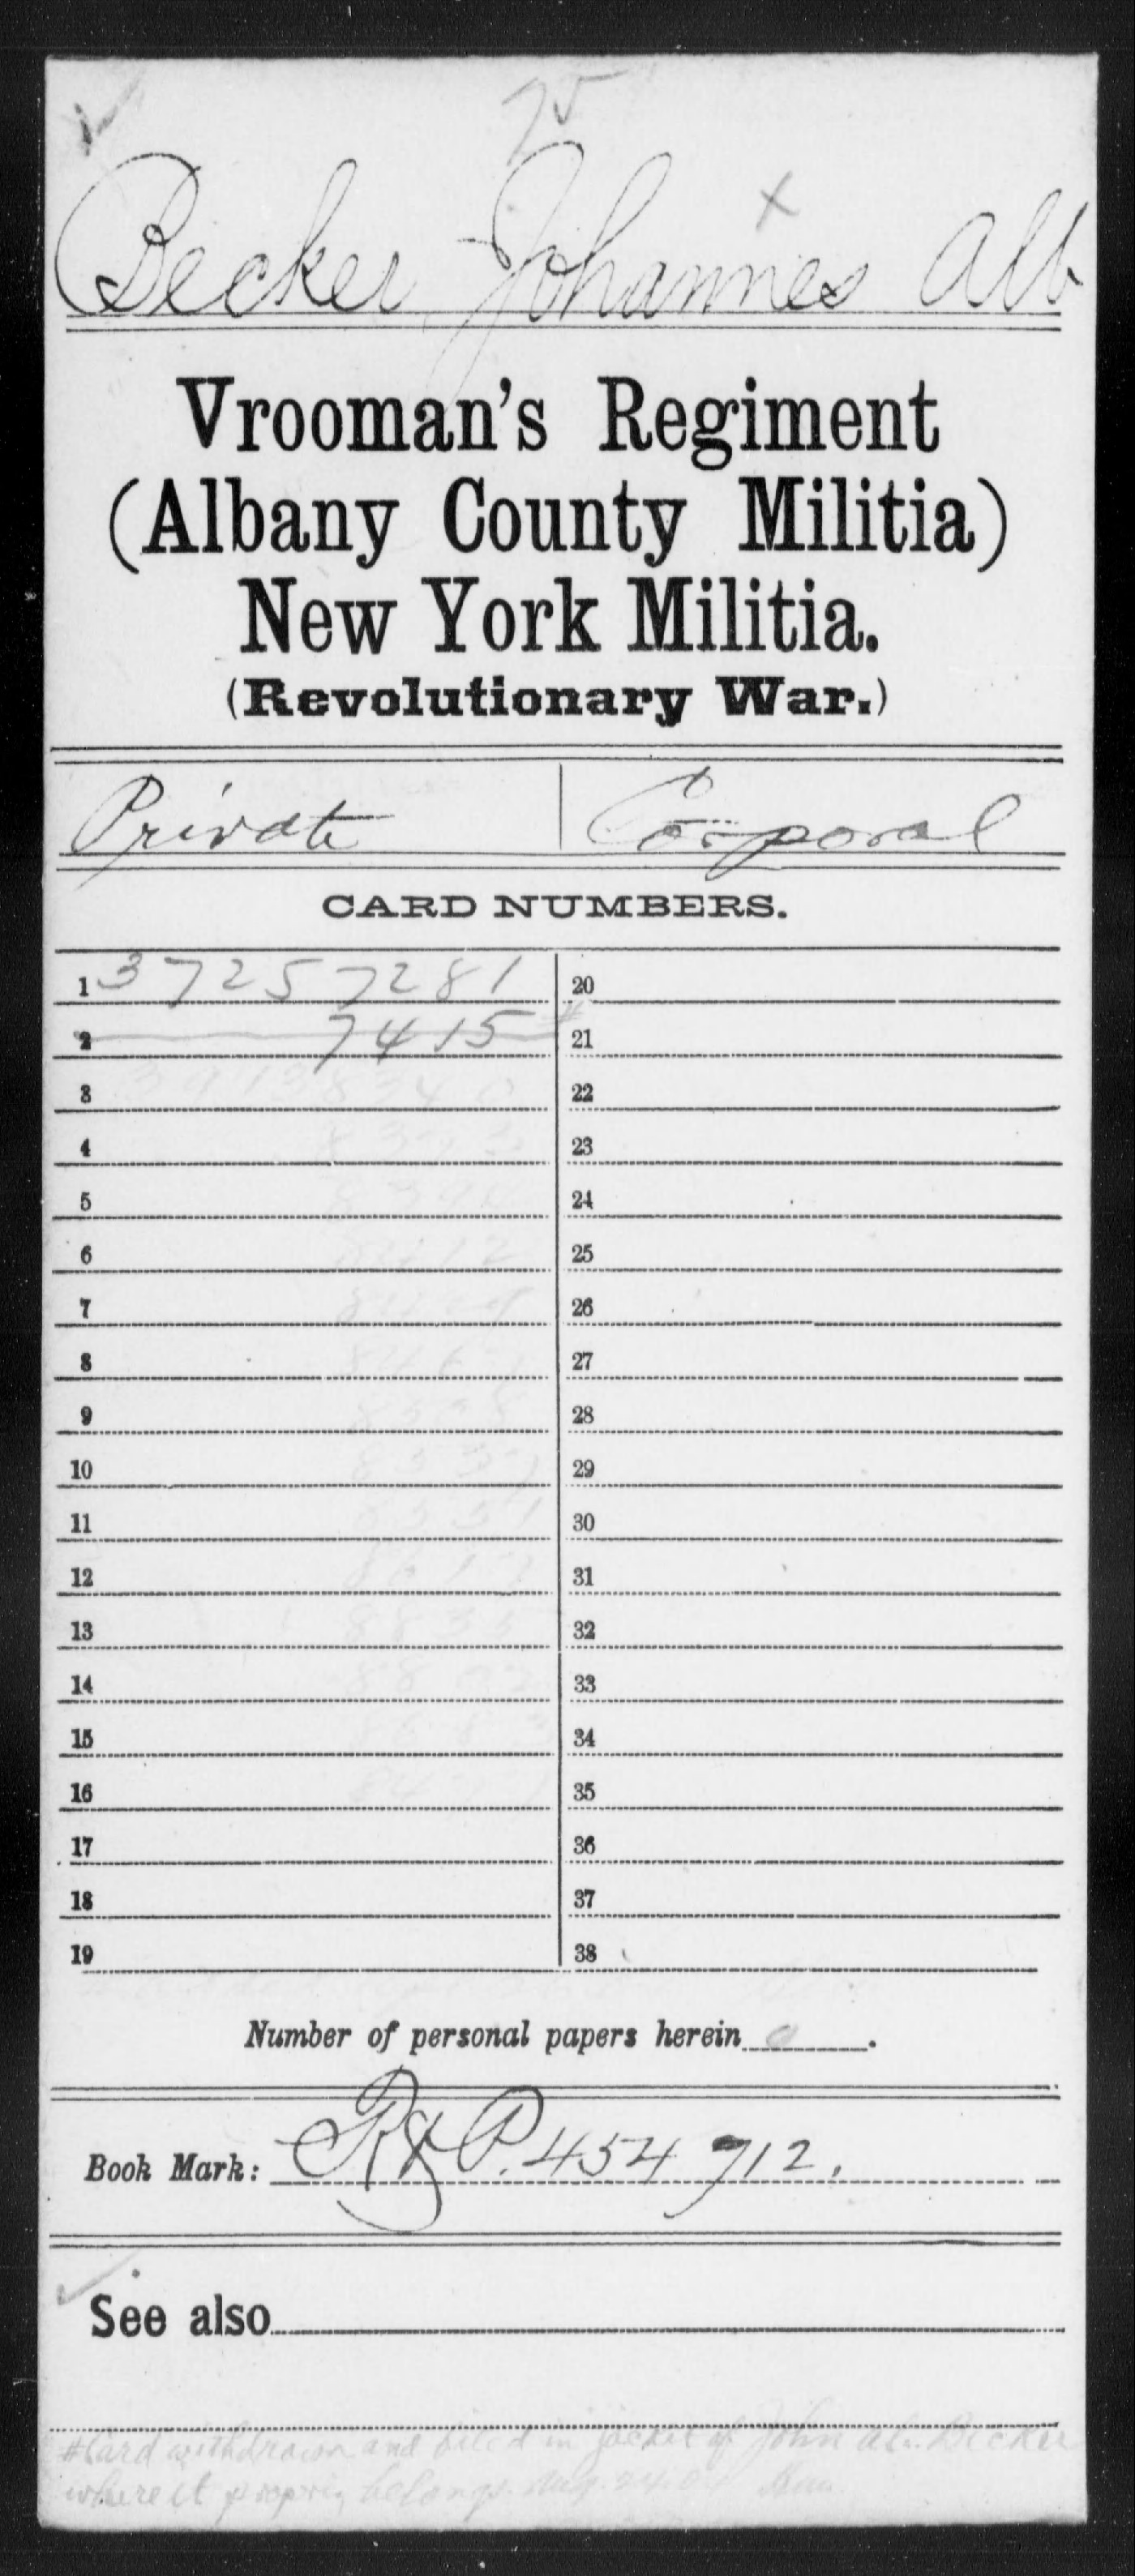 Becker, Johannes Alb - New York - Vrooman's Regiment (Albany County), Militia